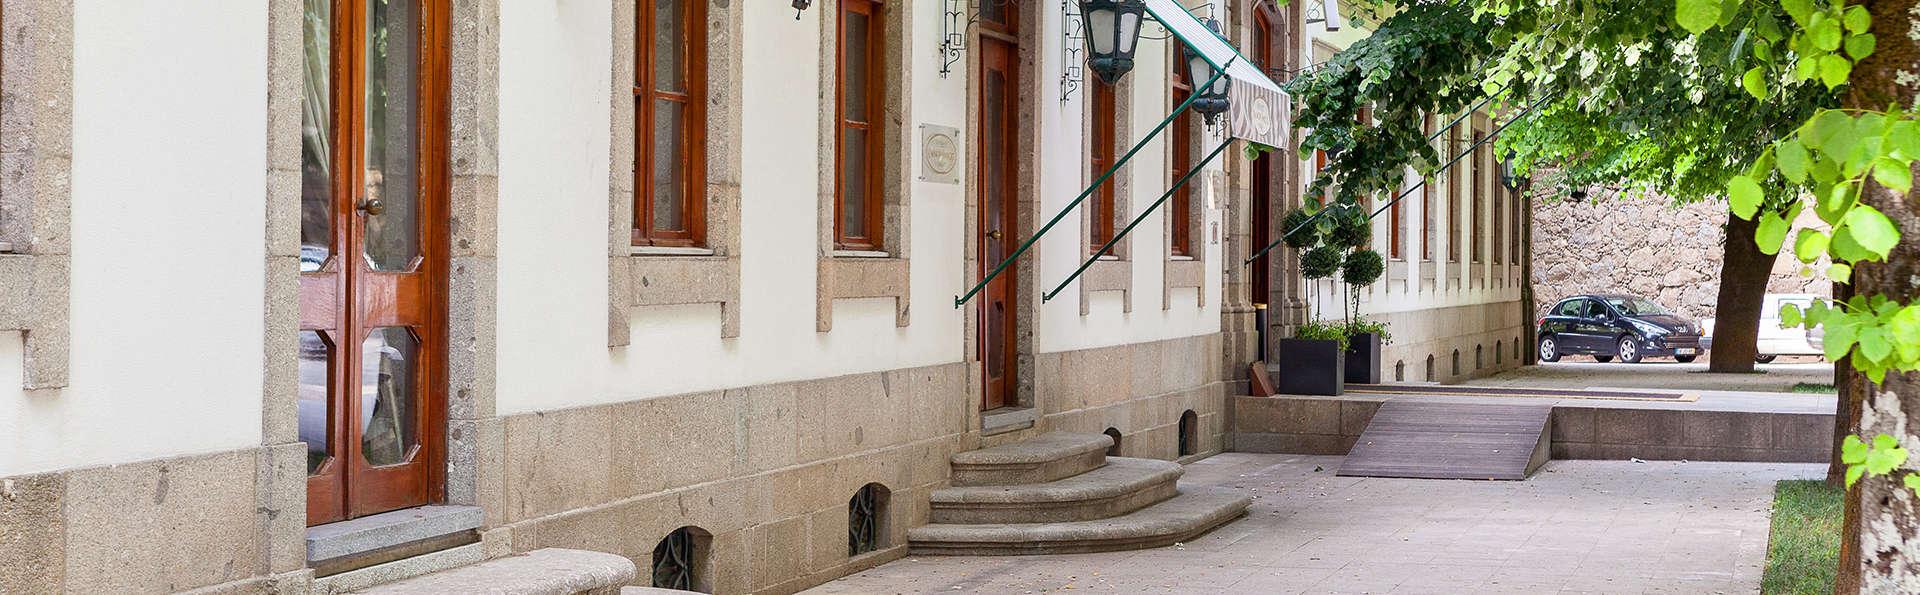 Hotel do Elevador - edit_front.jpg